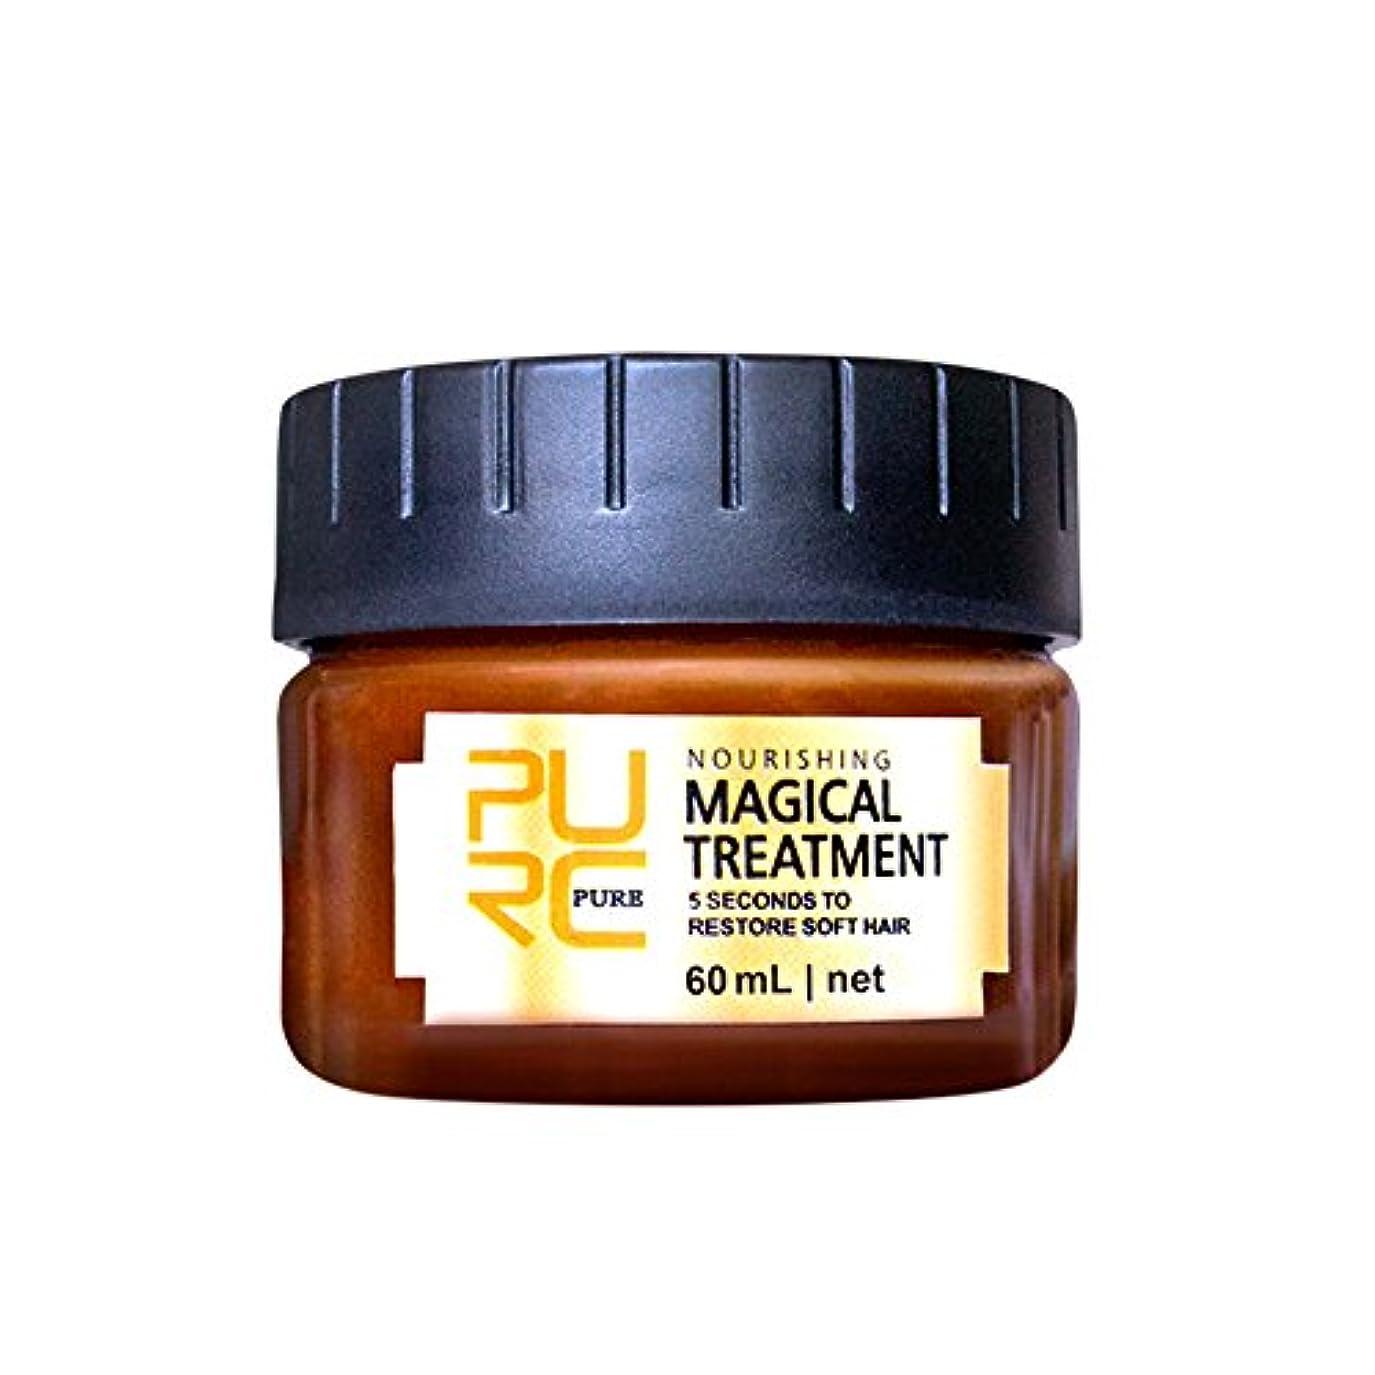 整理する食堂決定的ヘアトリートメント ディープリペア軟膏マスク 髪の栄養素を補う 角質層の保護を強化する 乾燥した髪に適しています 髪を柔らかくつやつやに保ちます 60ml / 120ml (B 60 ml)